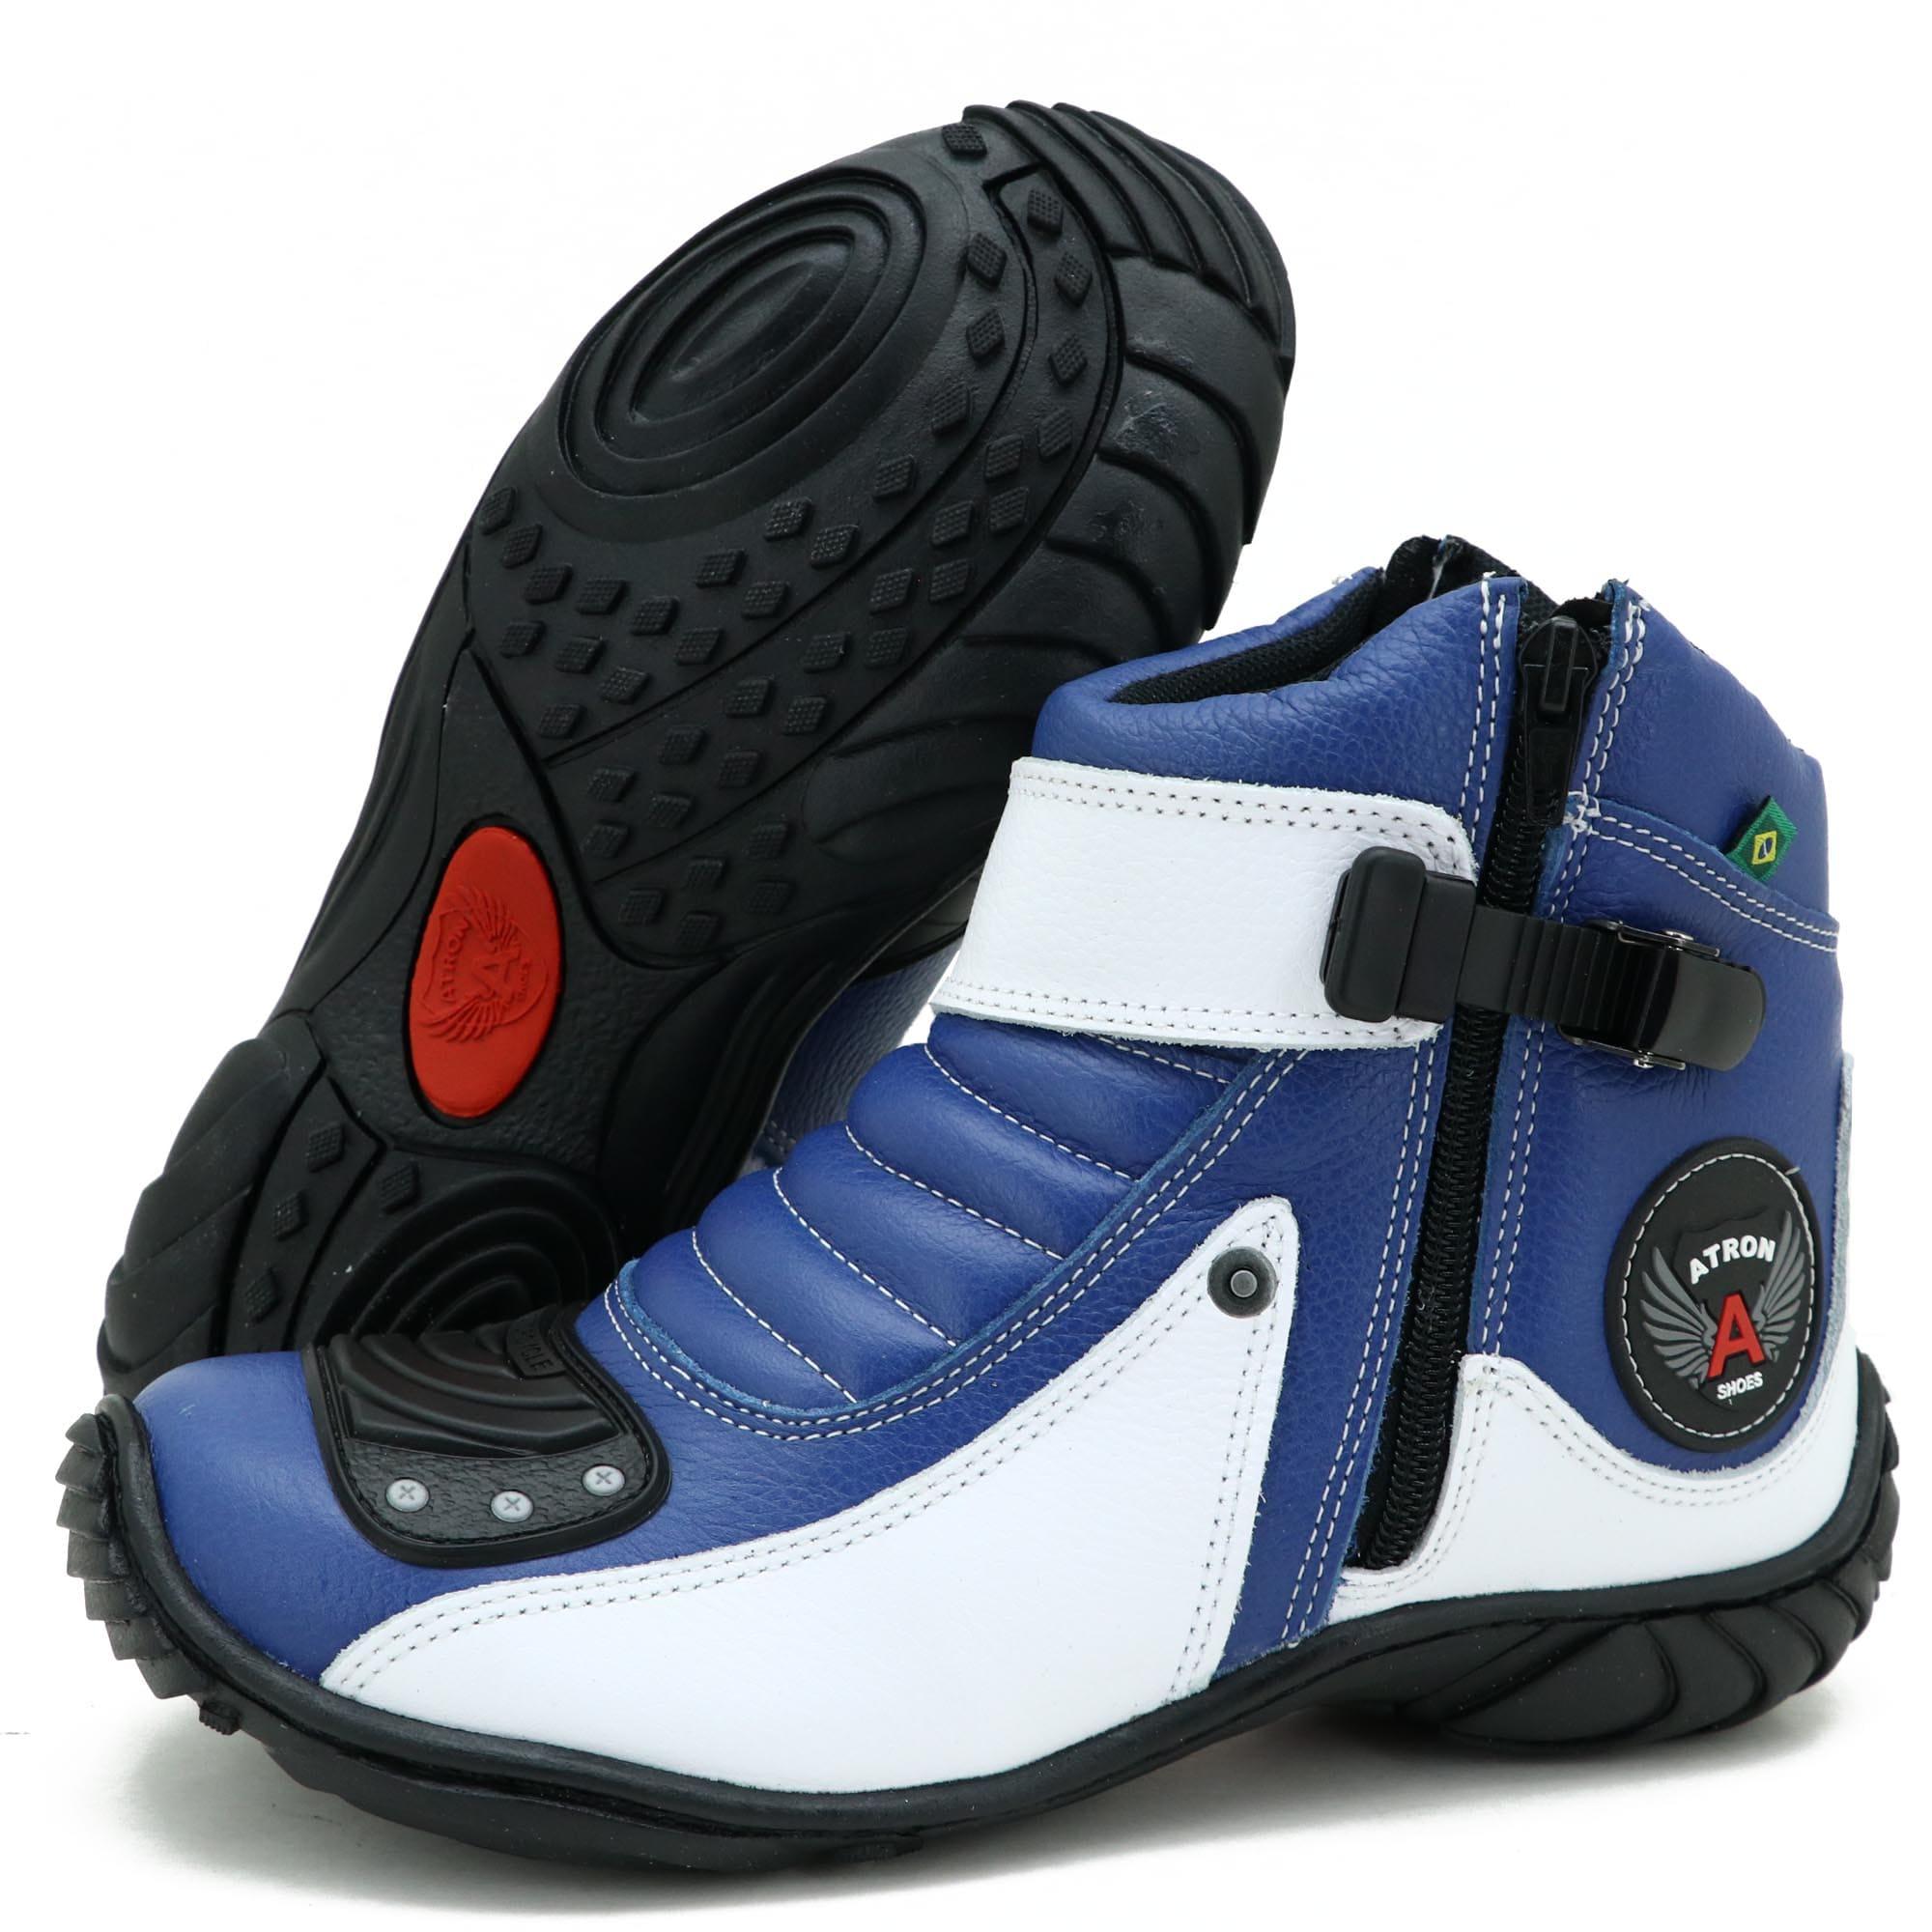 Bota para motociclista em couro Atron Shoes 271 nas cores azul e branco